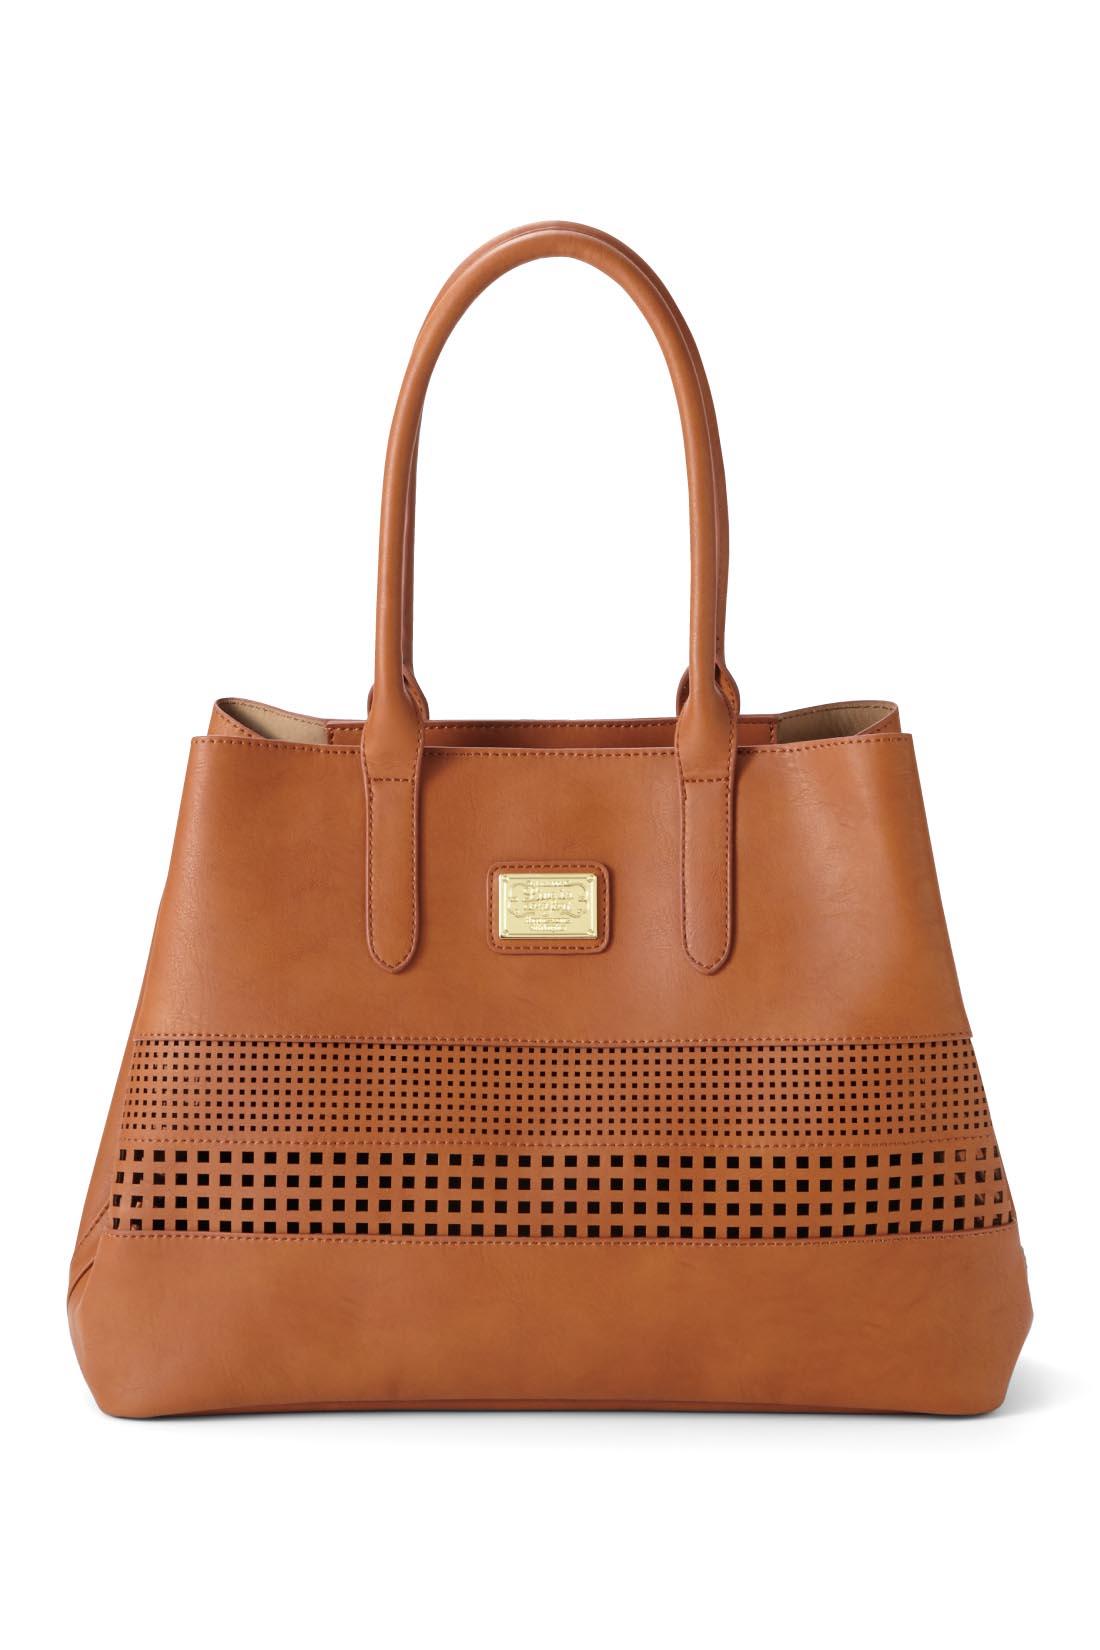 バッグの内側はブリッジ付きでコーデや荷物に合わせてコンパクトなフォルムに変えられます。